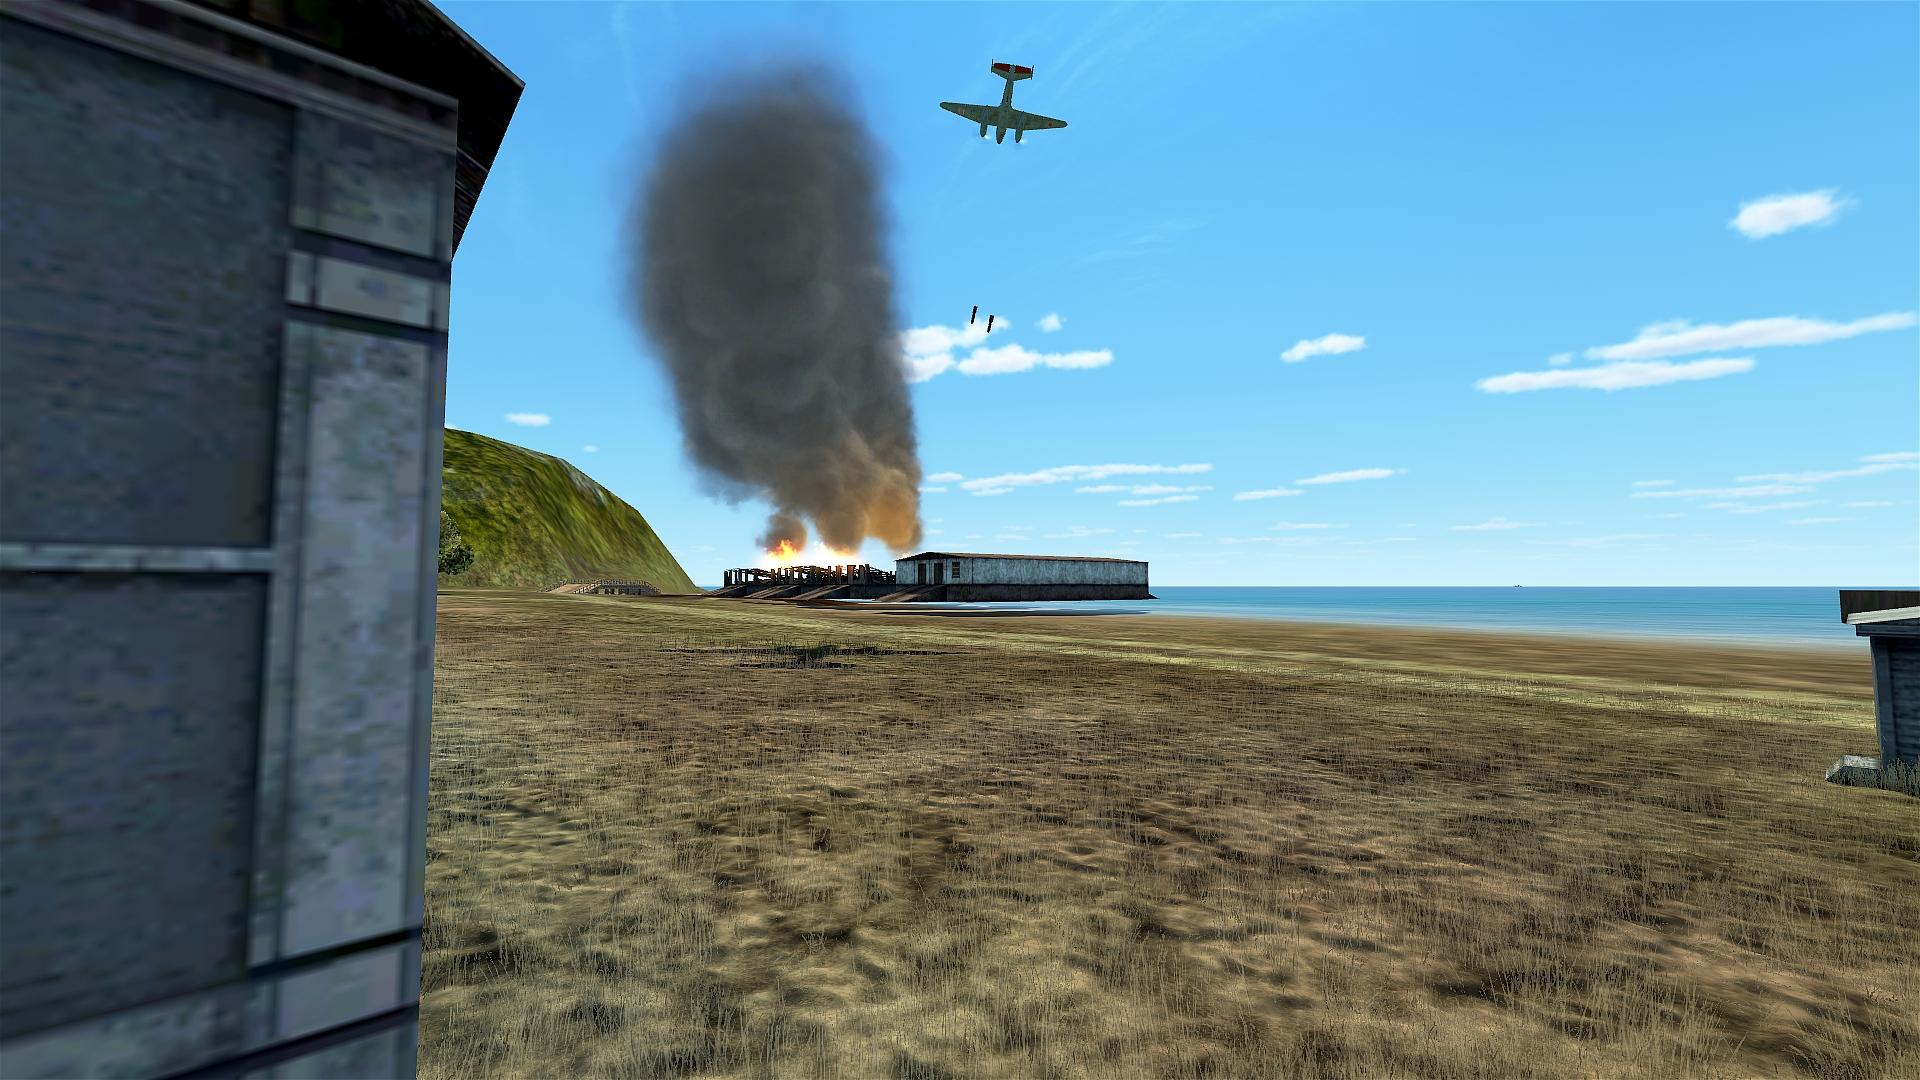 Un ptit CR en image de  la sortie de vendredi sur les Fnbf avec les NN en bomber ! 41600478641_d476e69762_o